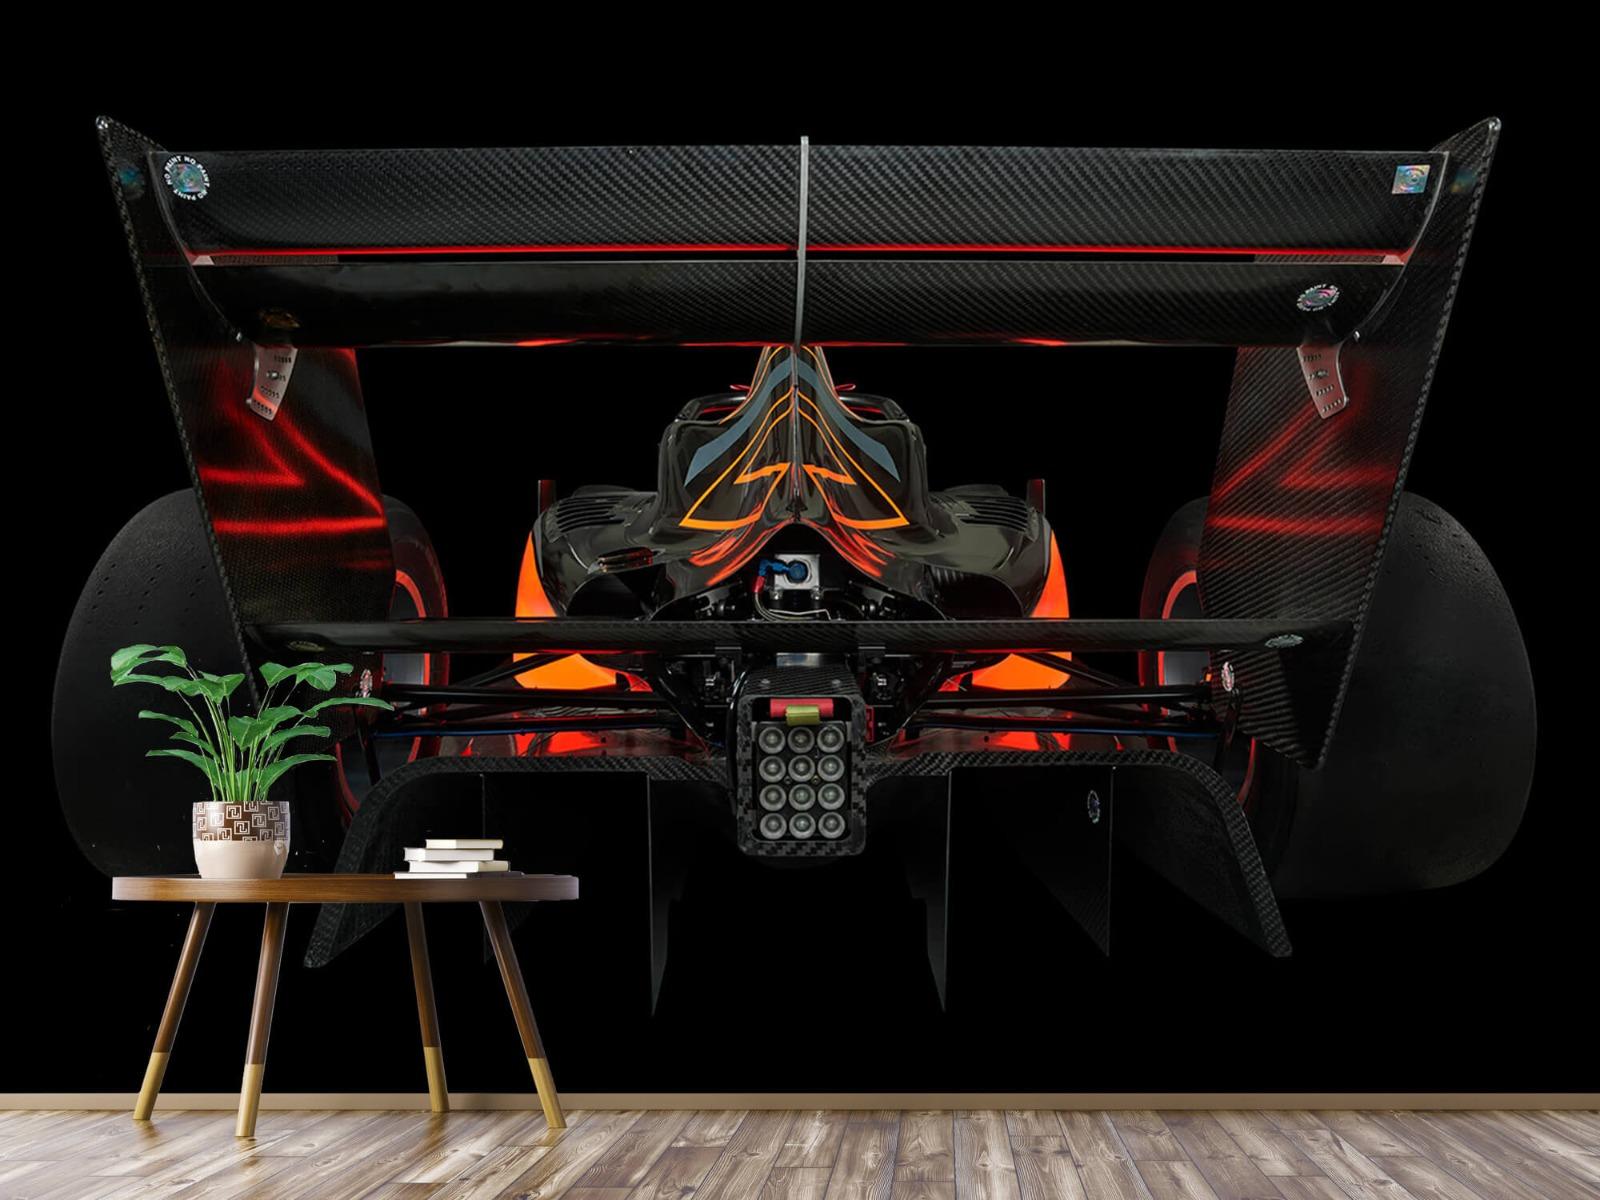 Sportauto's - Formule 3 - Lower rear view - dark - Garage 3